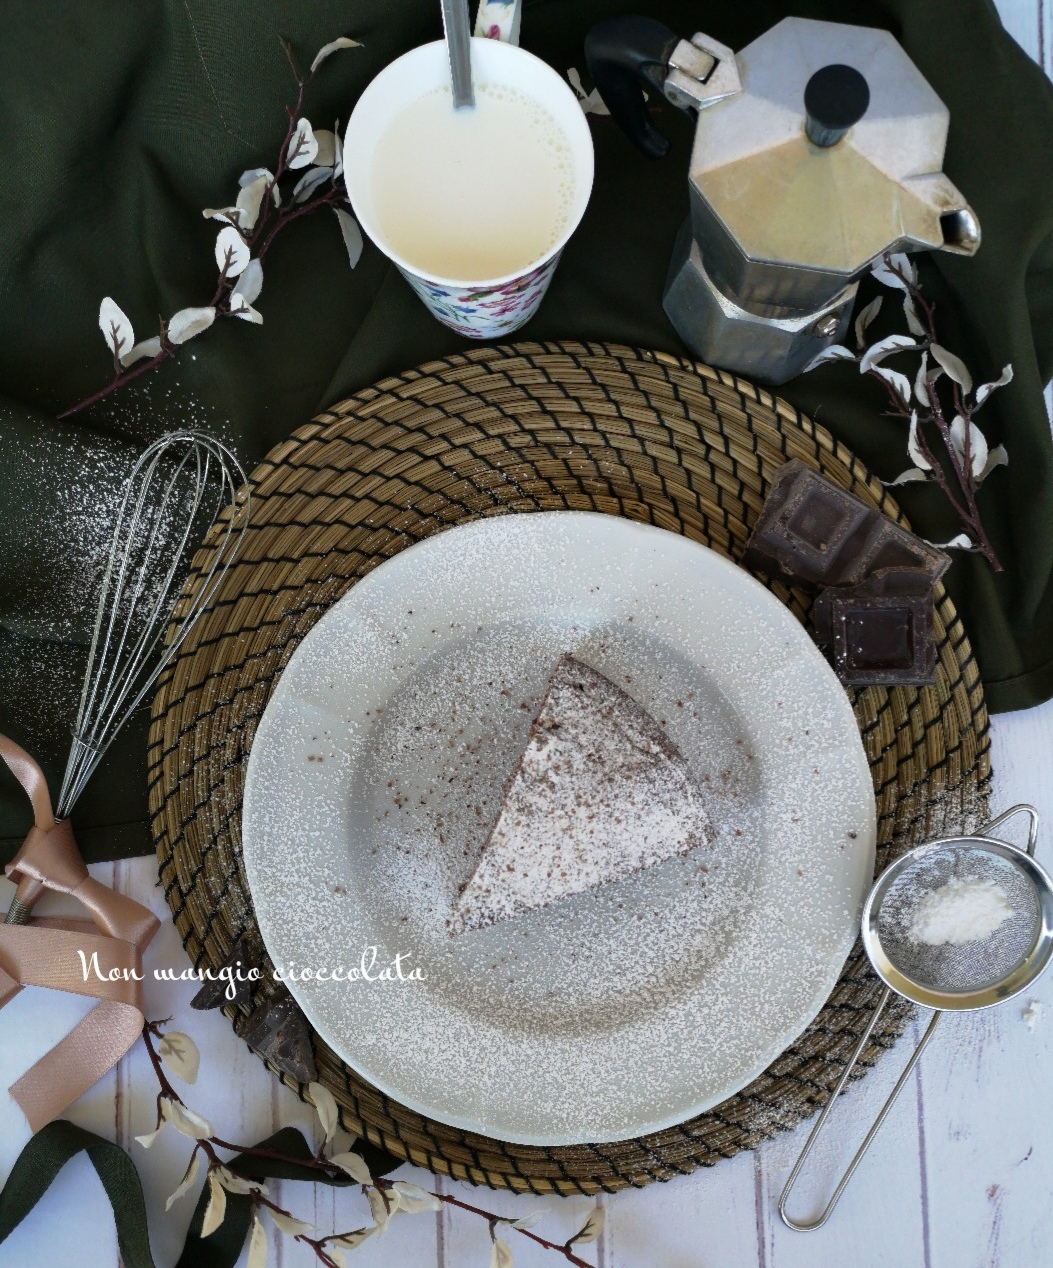 Torta cioccolatosa (ideale per la colazione)